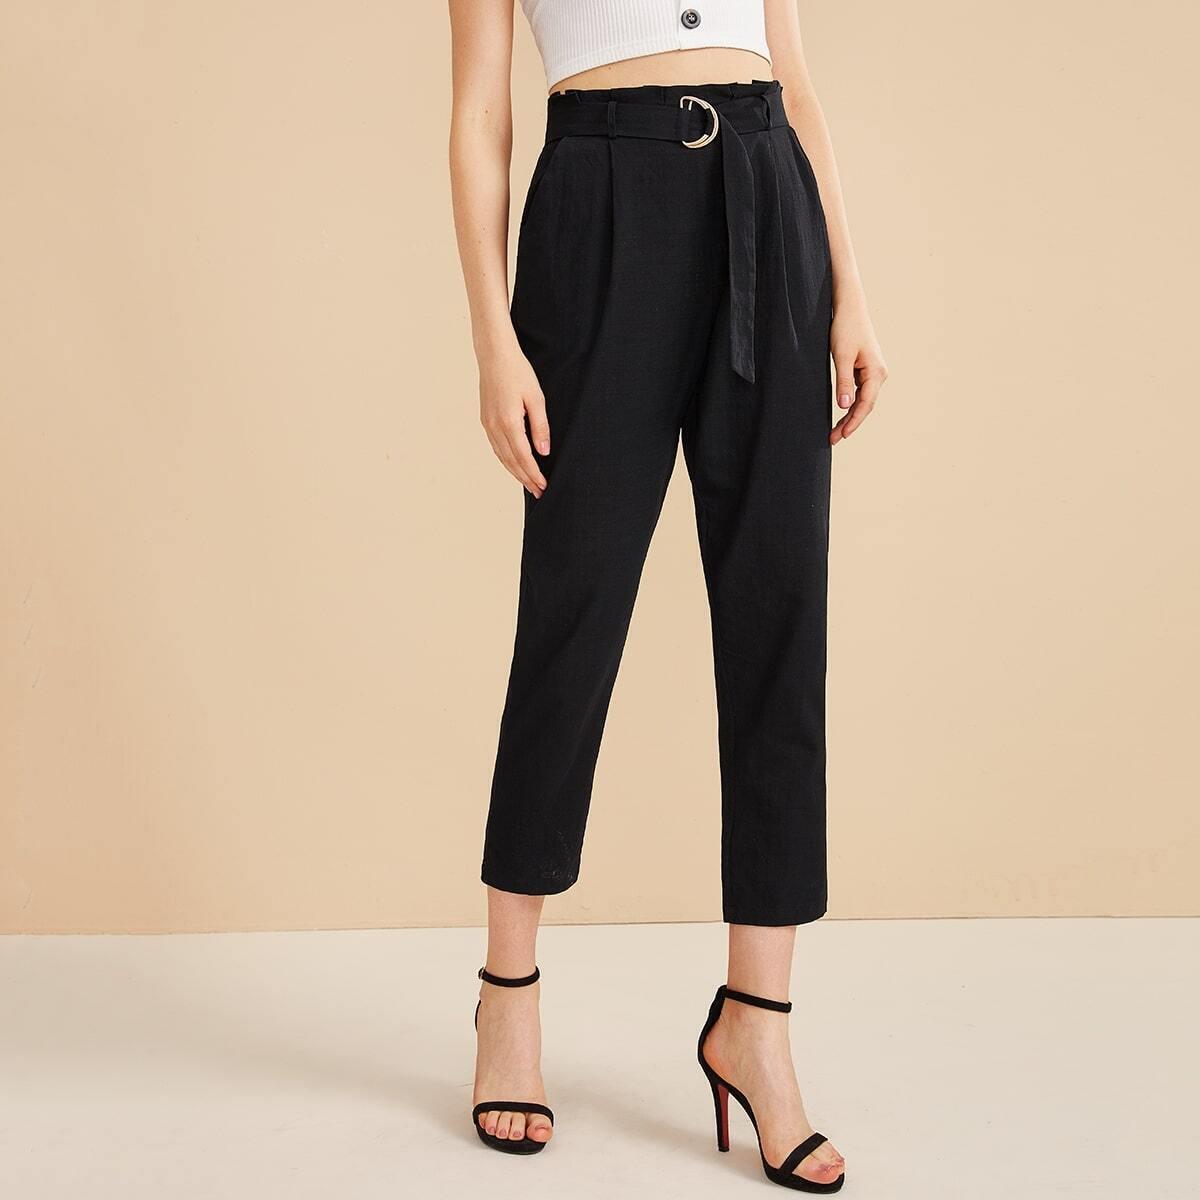 SHEIN / Pantalones cortos con cinturón de cintura con volante